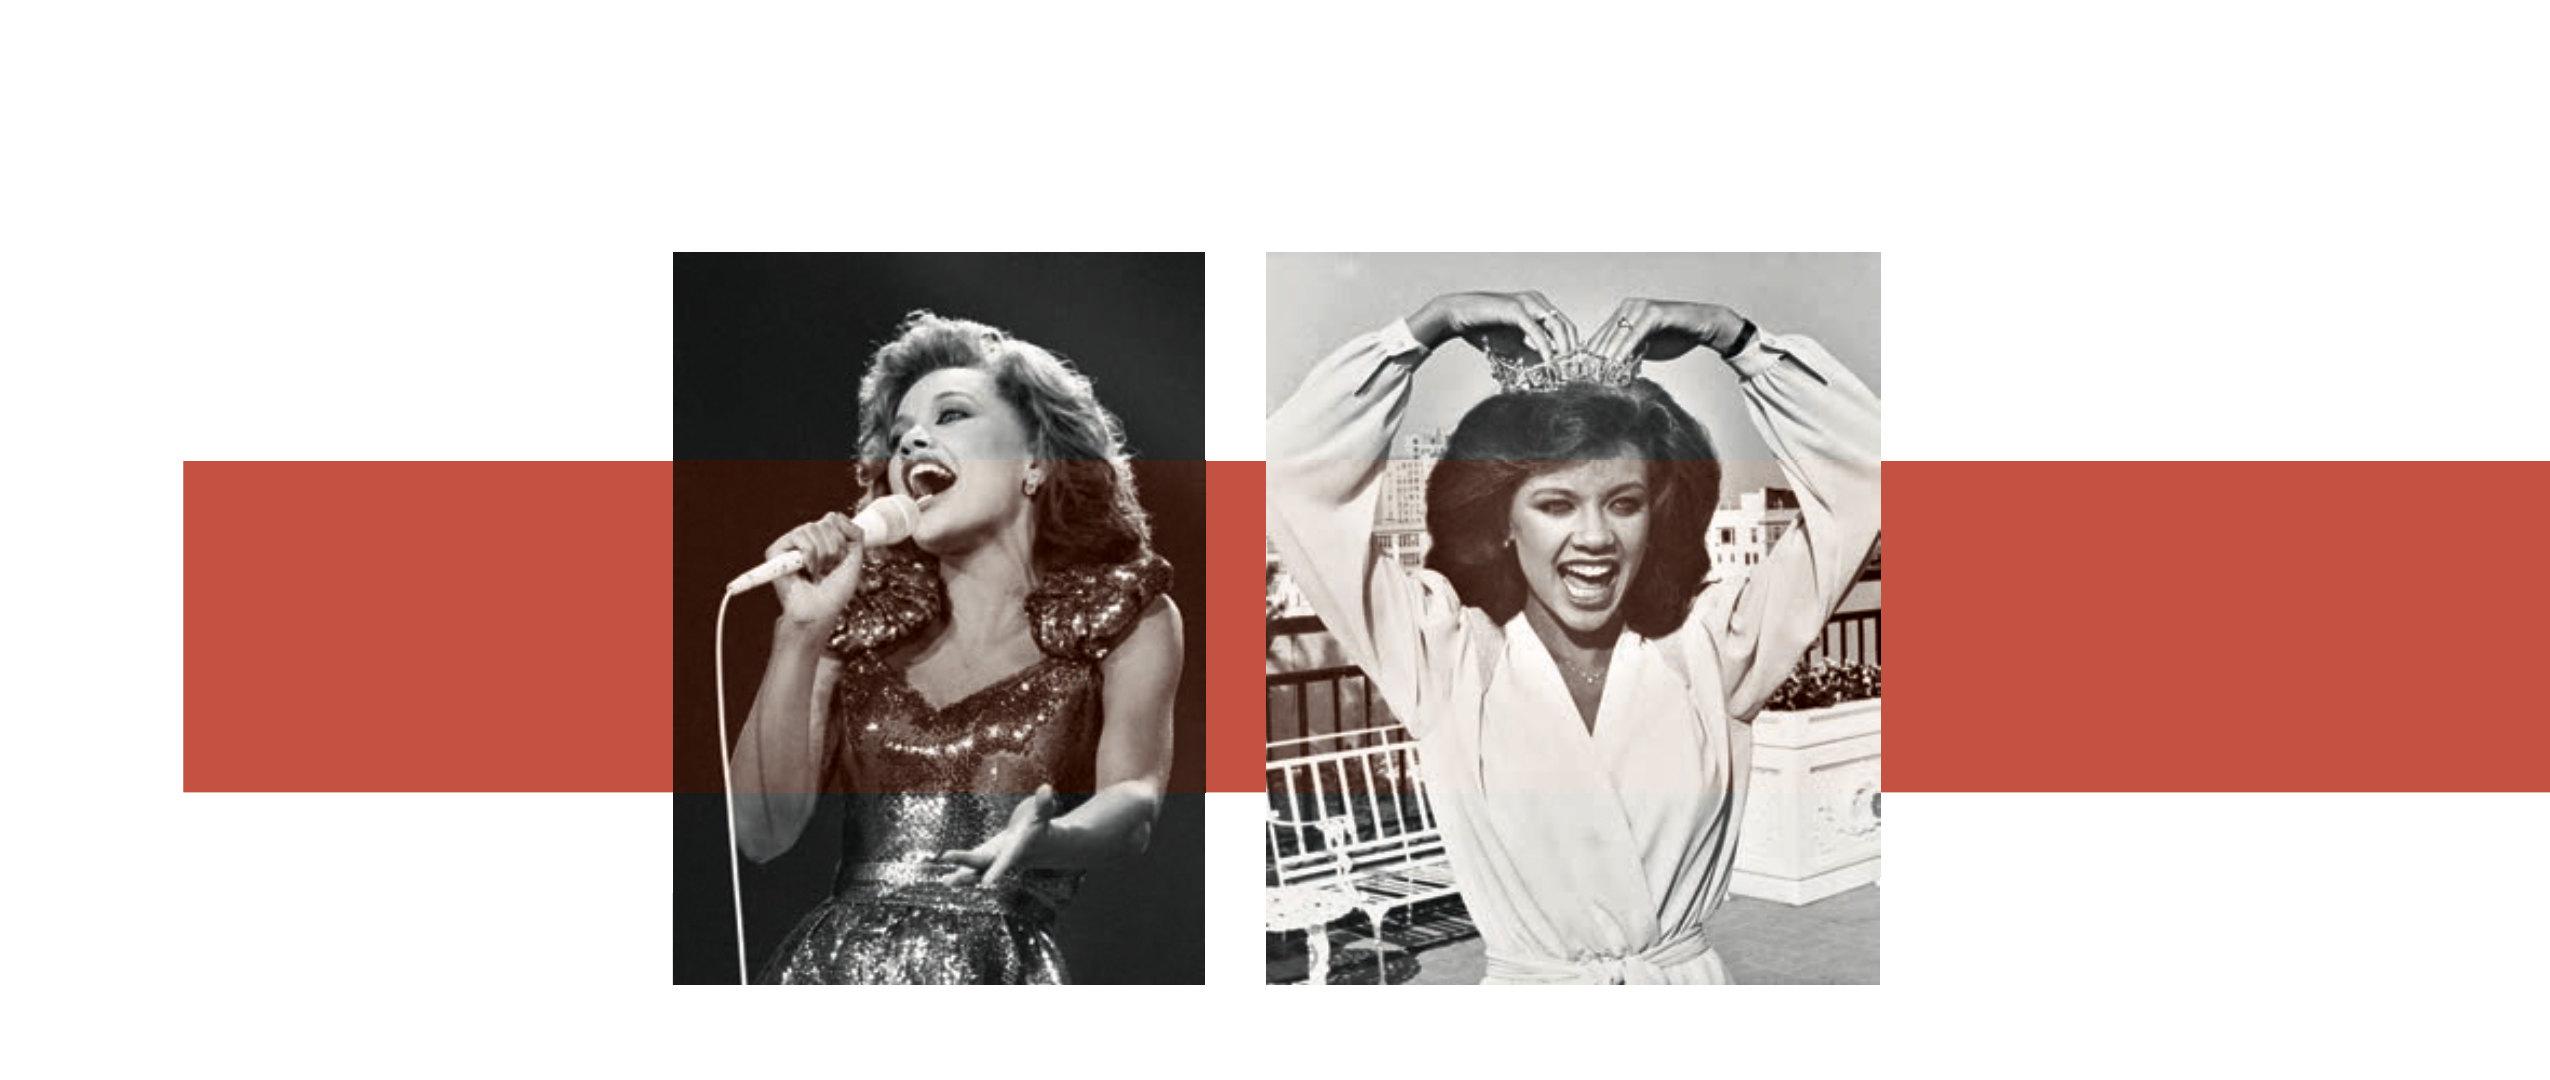 Слева: Ванесса Уильямс поет наодном изэтапов конкурса «Мисс Америка» Справа: Уильямс примеряет корону мисс Америка нафотосессии